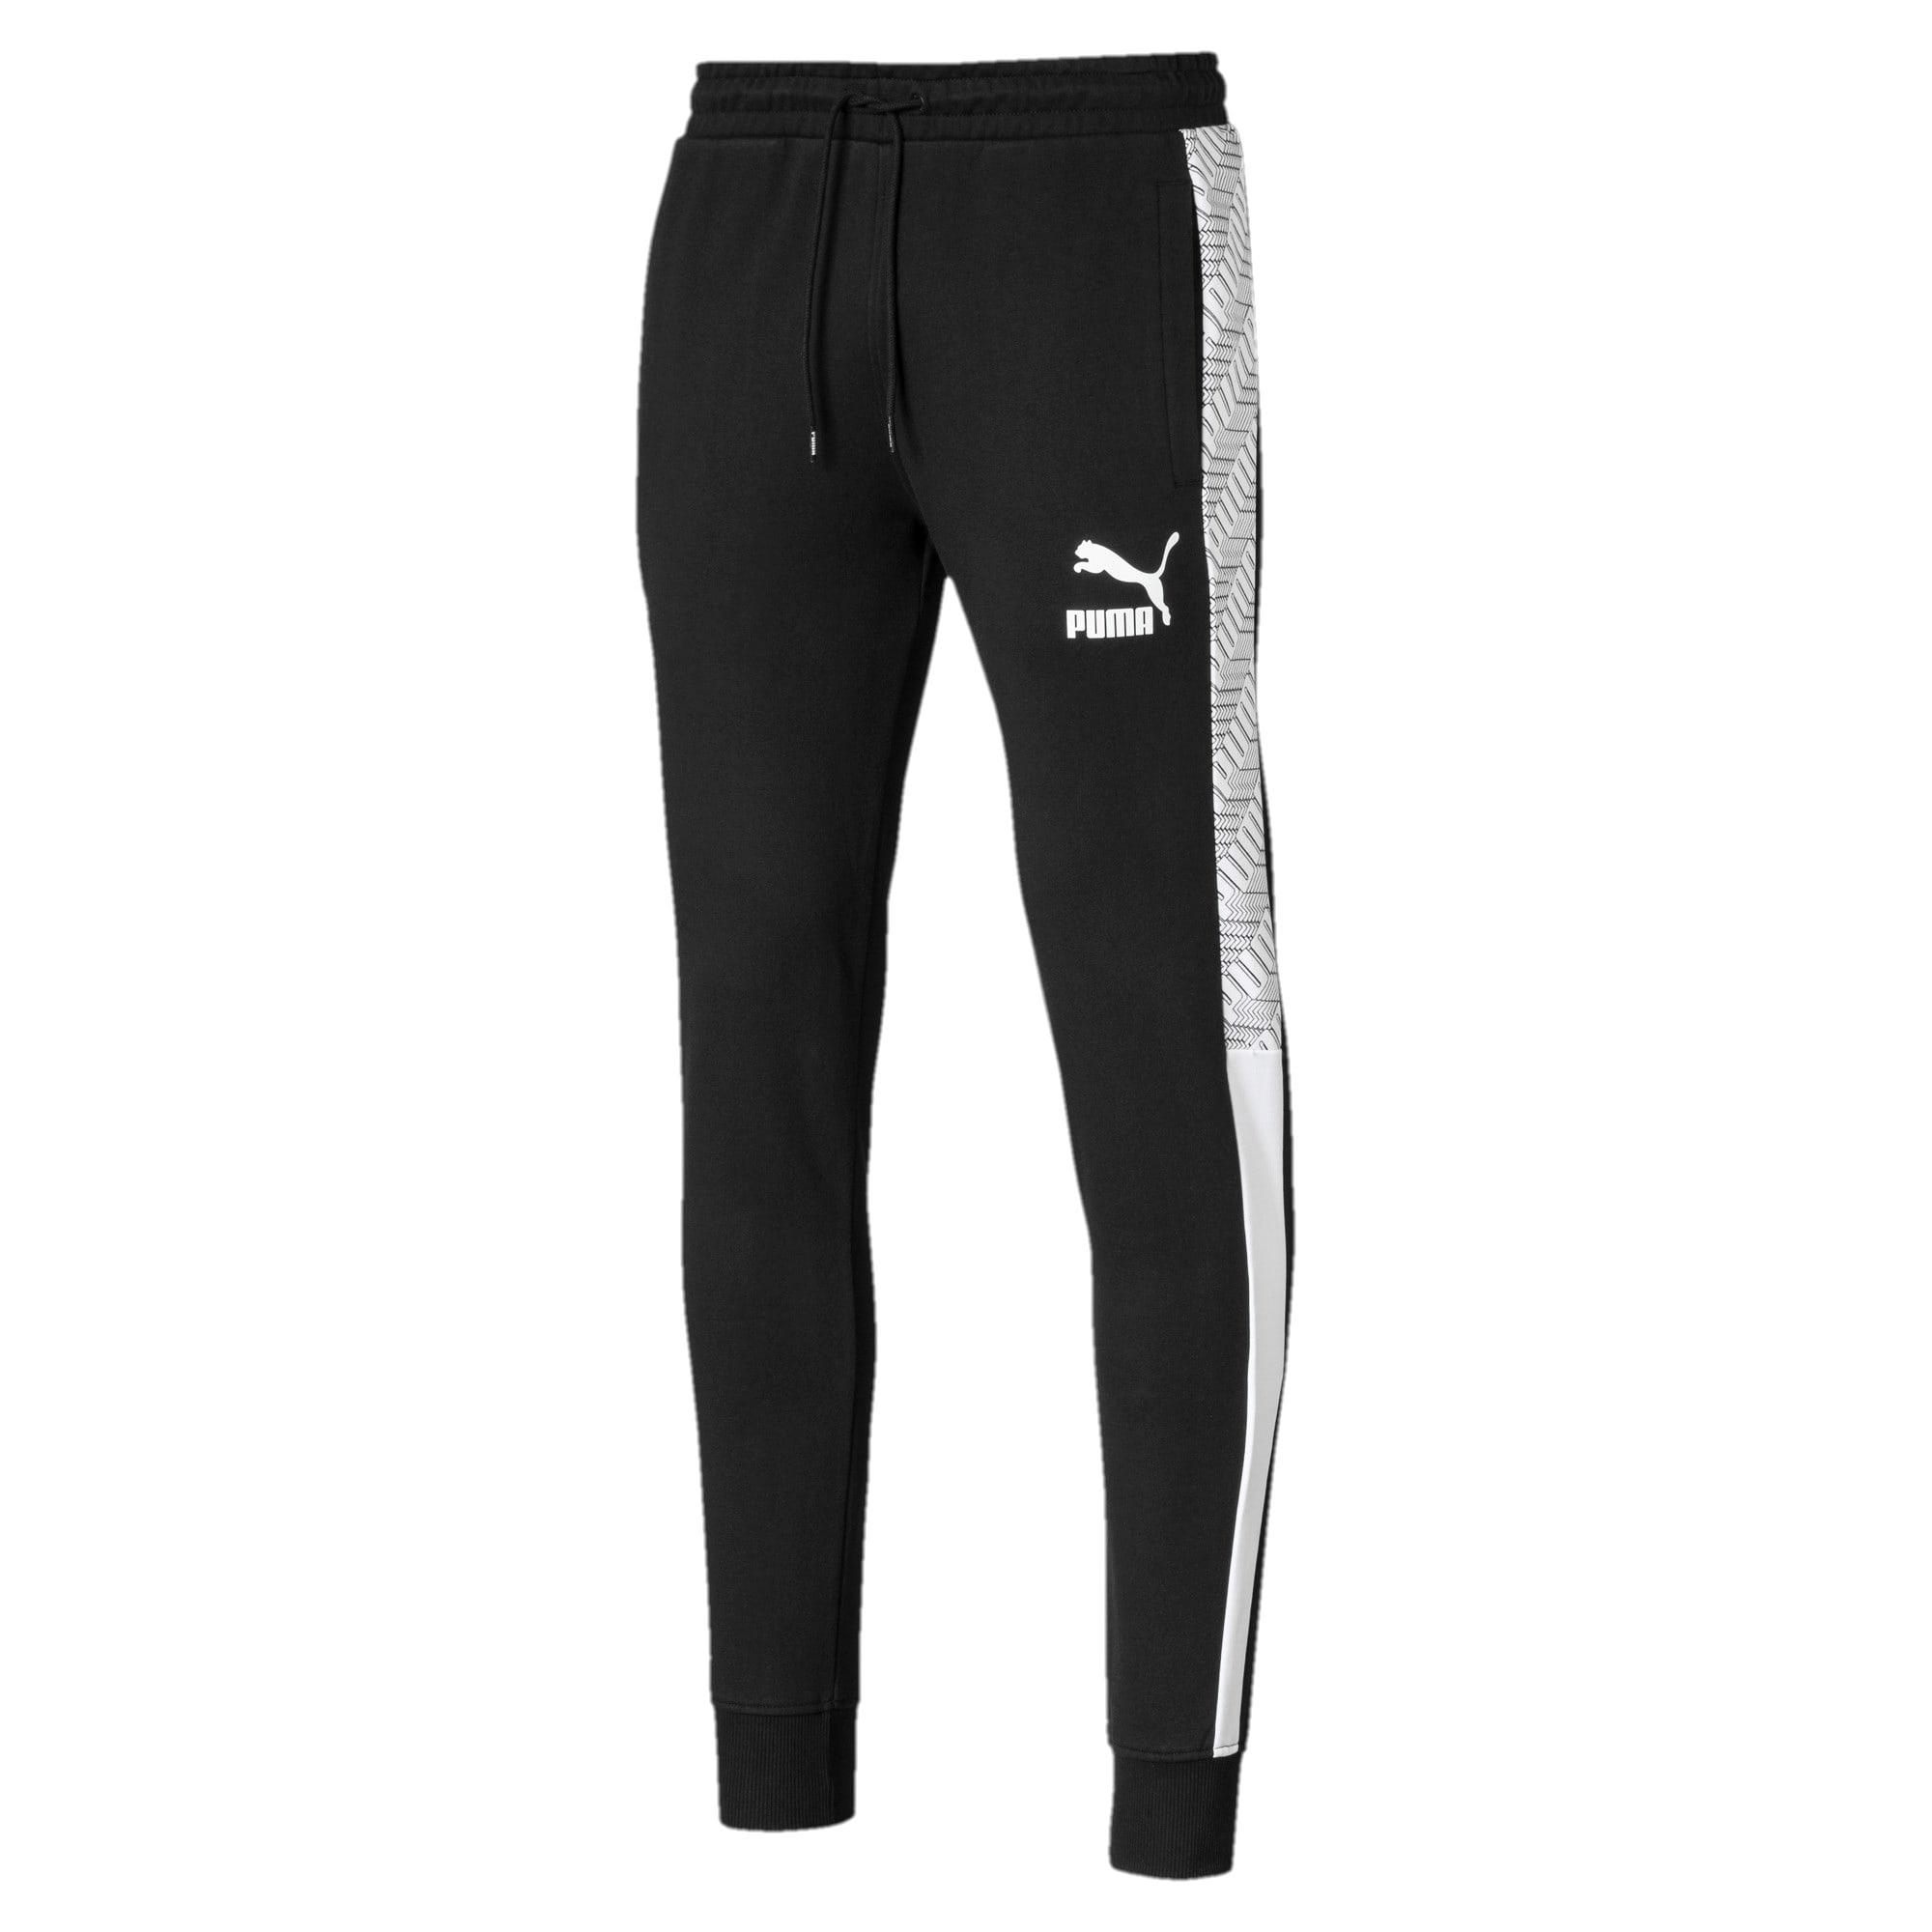 Thumbnail 1 of T7 Men's AOP Track Pants, Puma Black-Repeat logo, medium